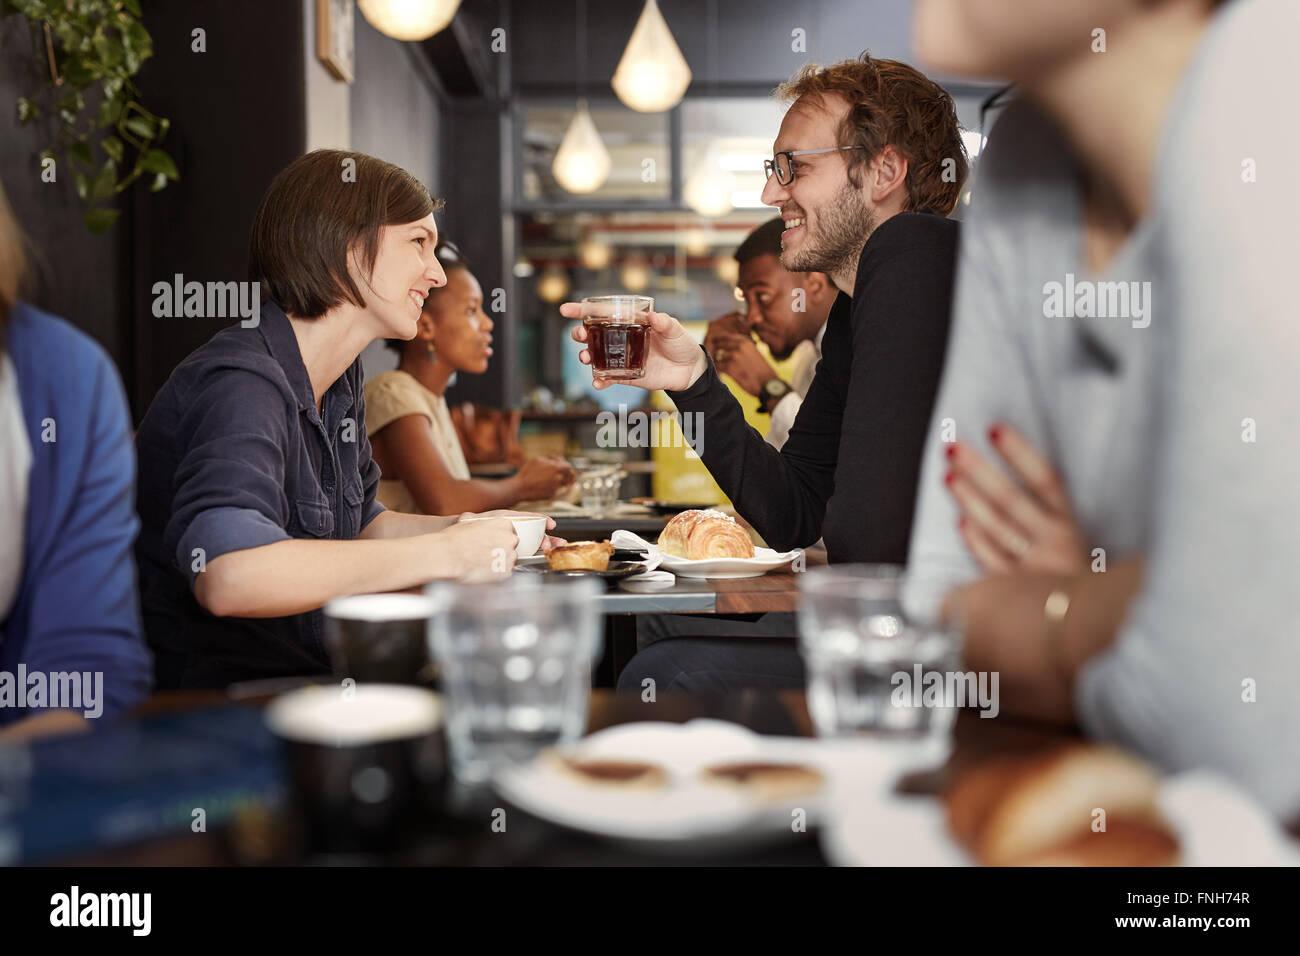 Occupato cafè con una giovane coppia sorridente ad ogni altro Immagini Stock